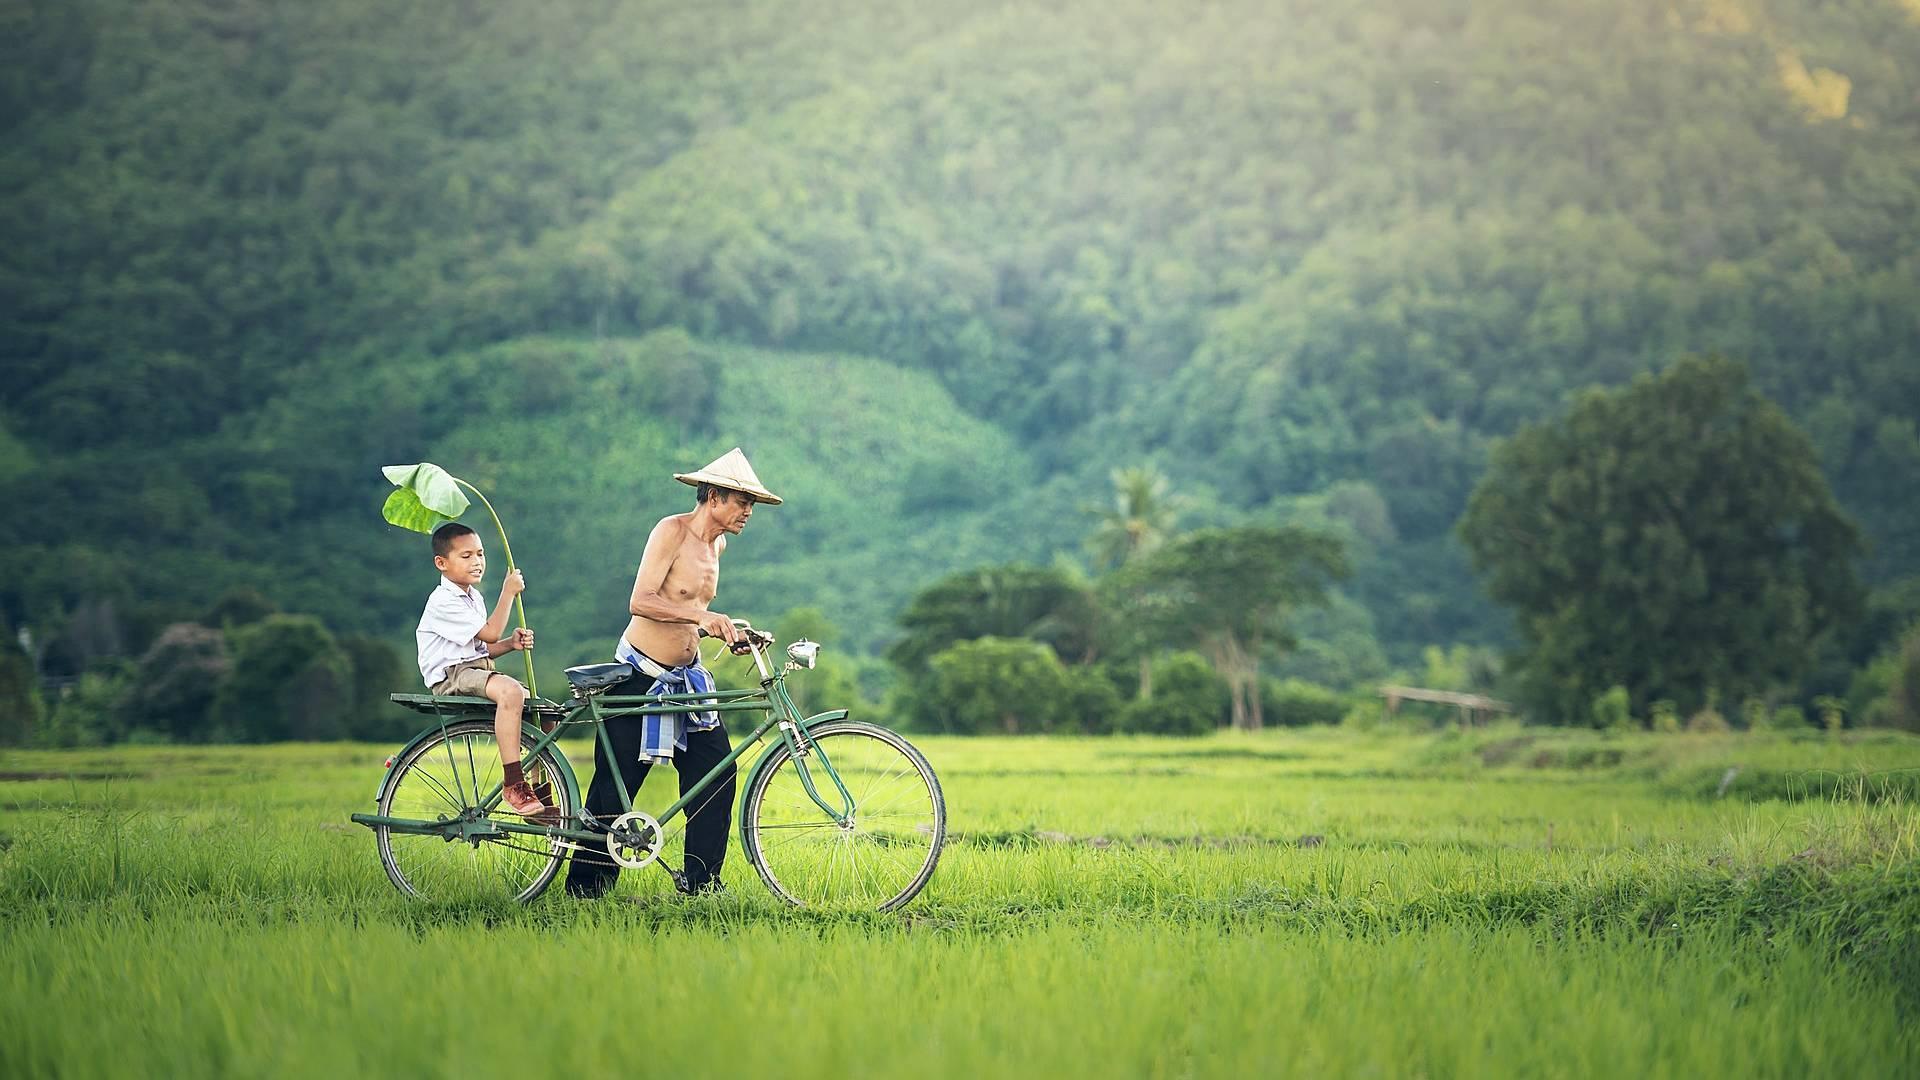 La Birmanie, par les chemins peu fréquentés